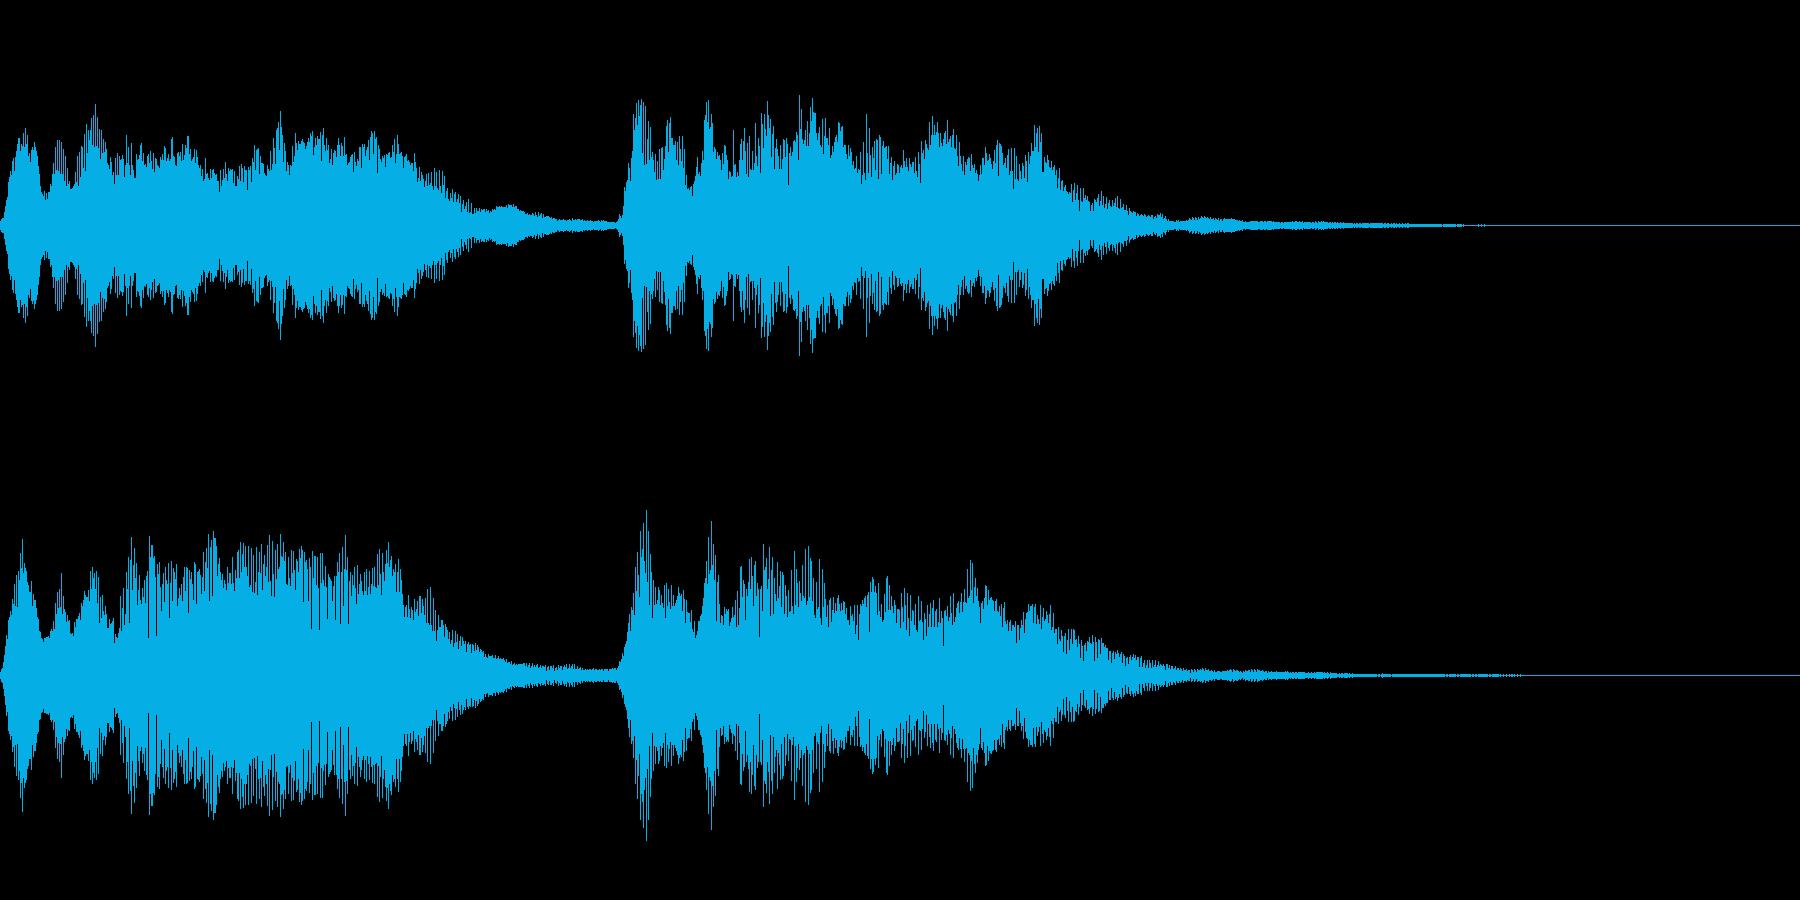 ダダダダーン:ベートーベン運命ストリングの再生済みの波形